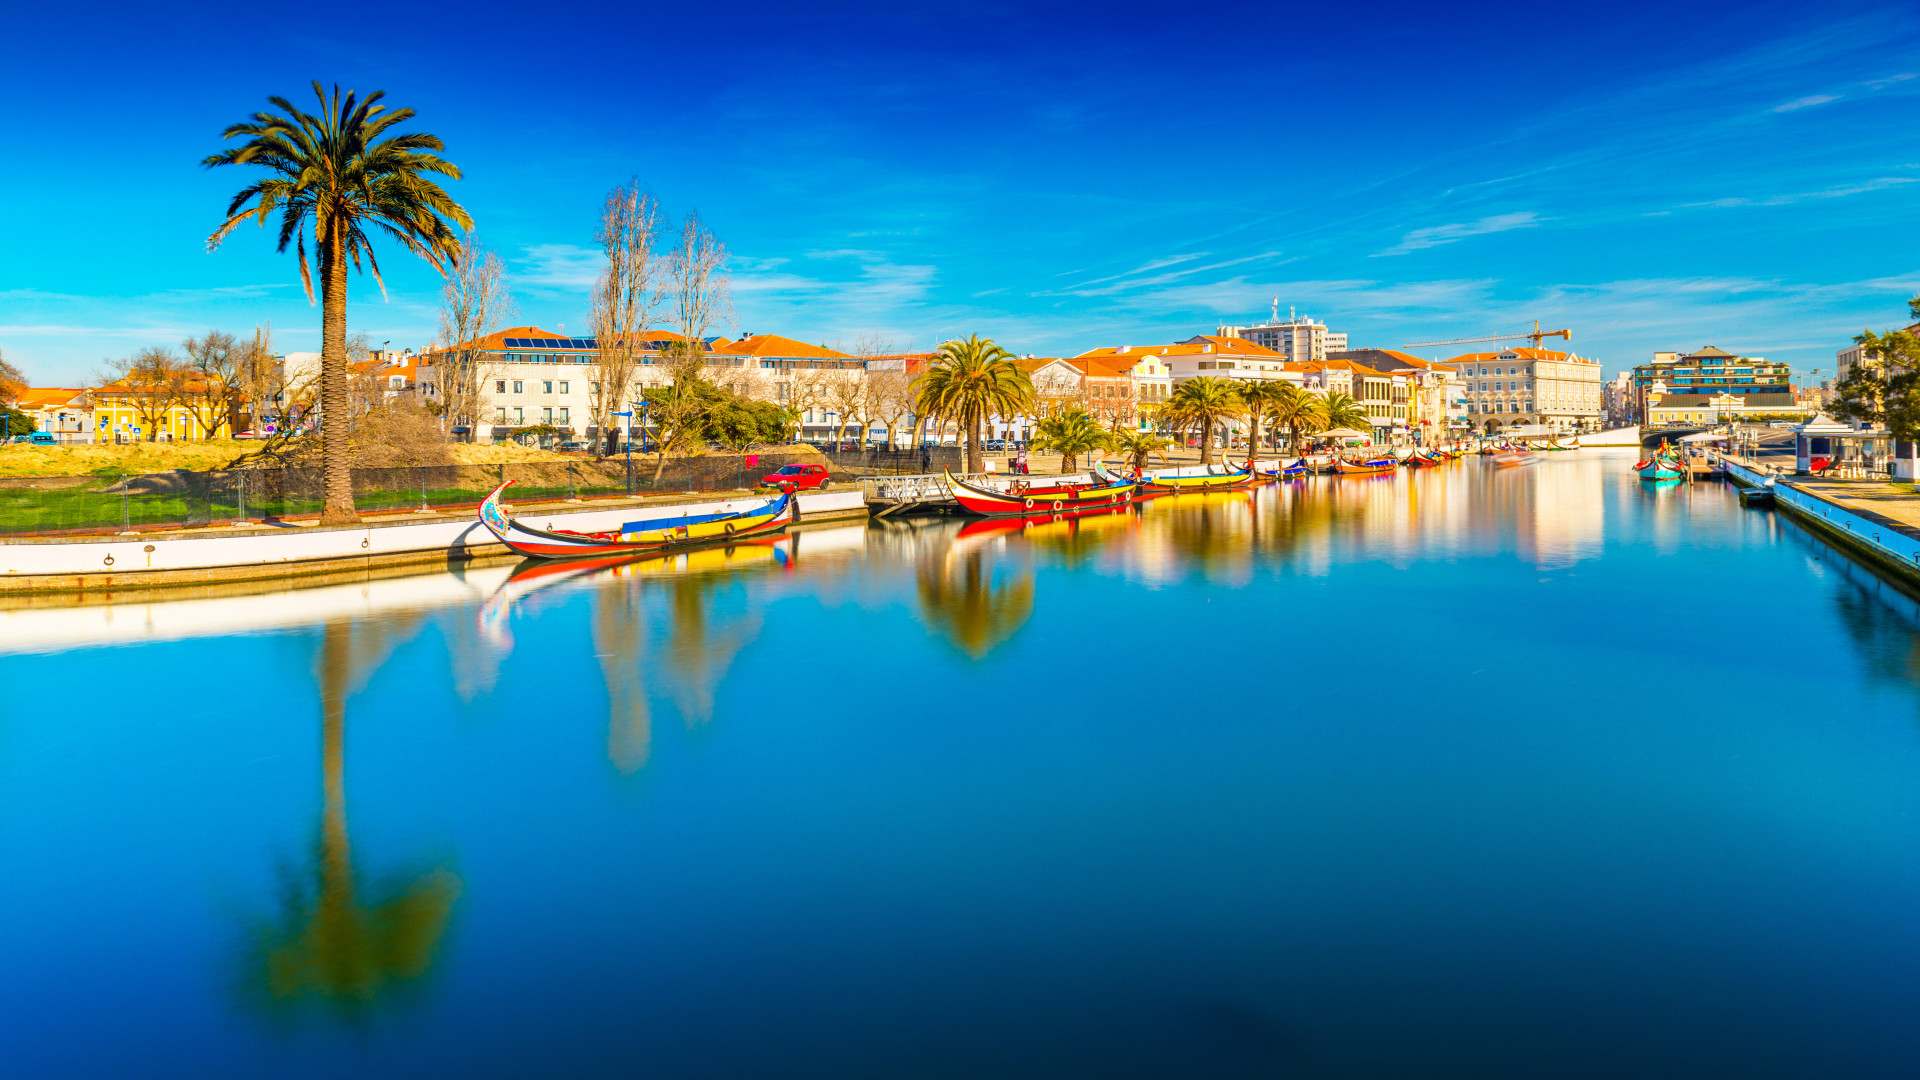 Uitzicht op het stadje Aveiro met op voorgrond rivier met kleurrijke bootjes, Aveiro, Portugal